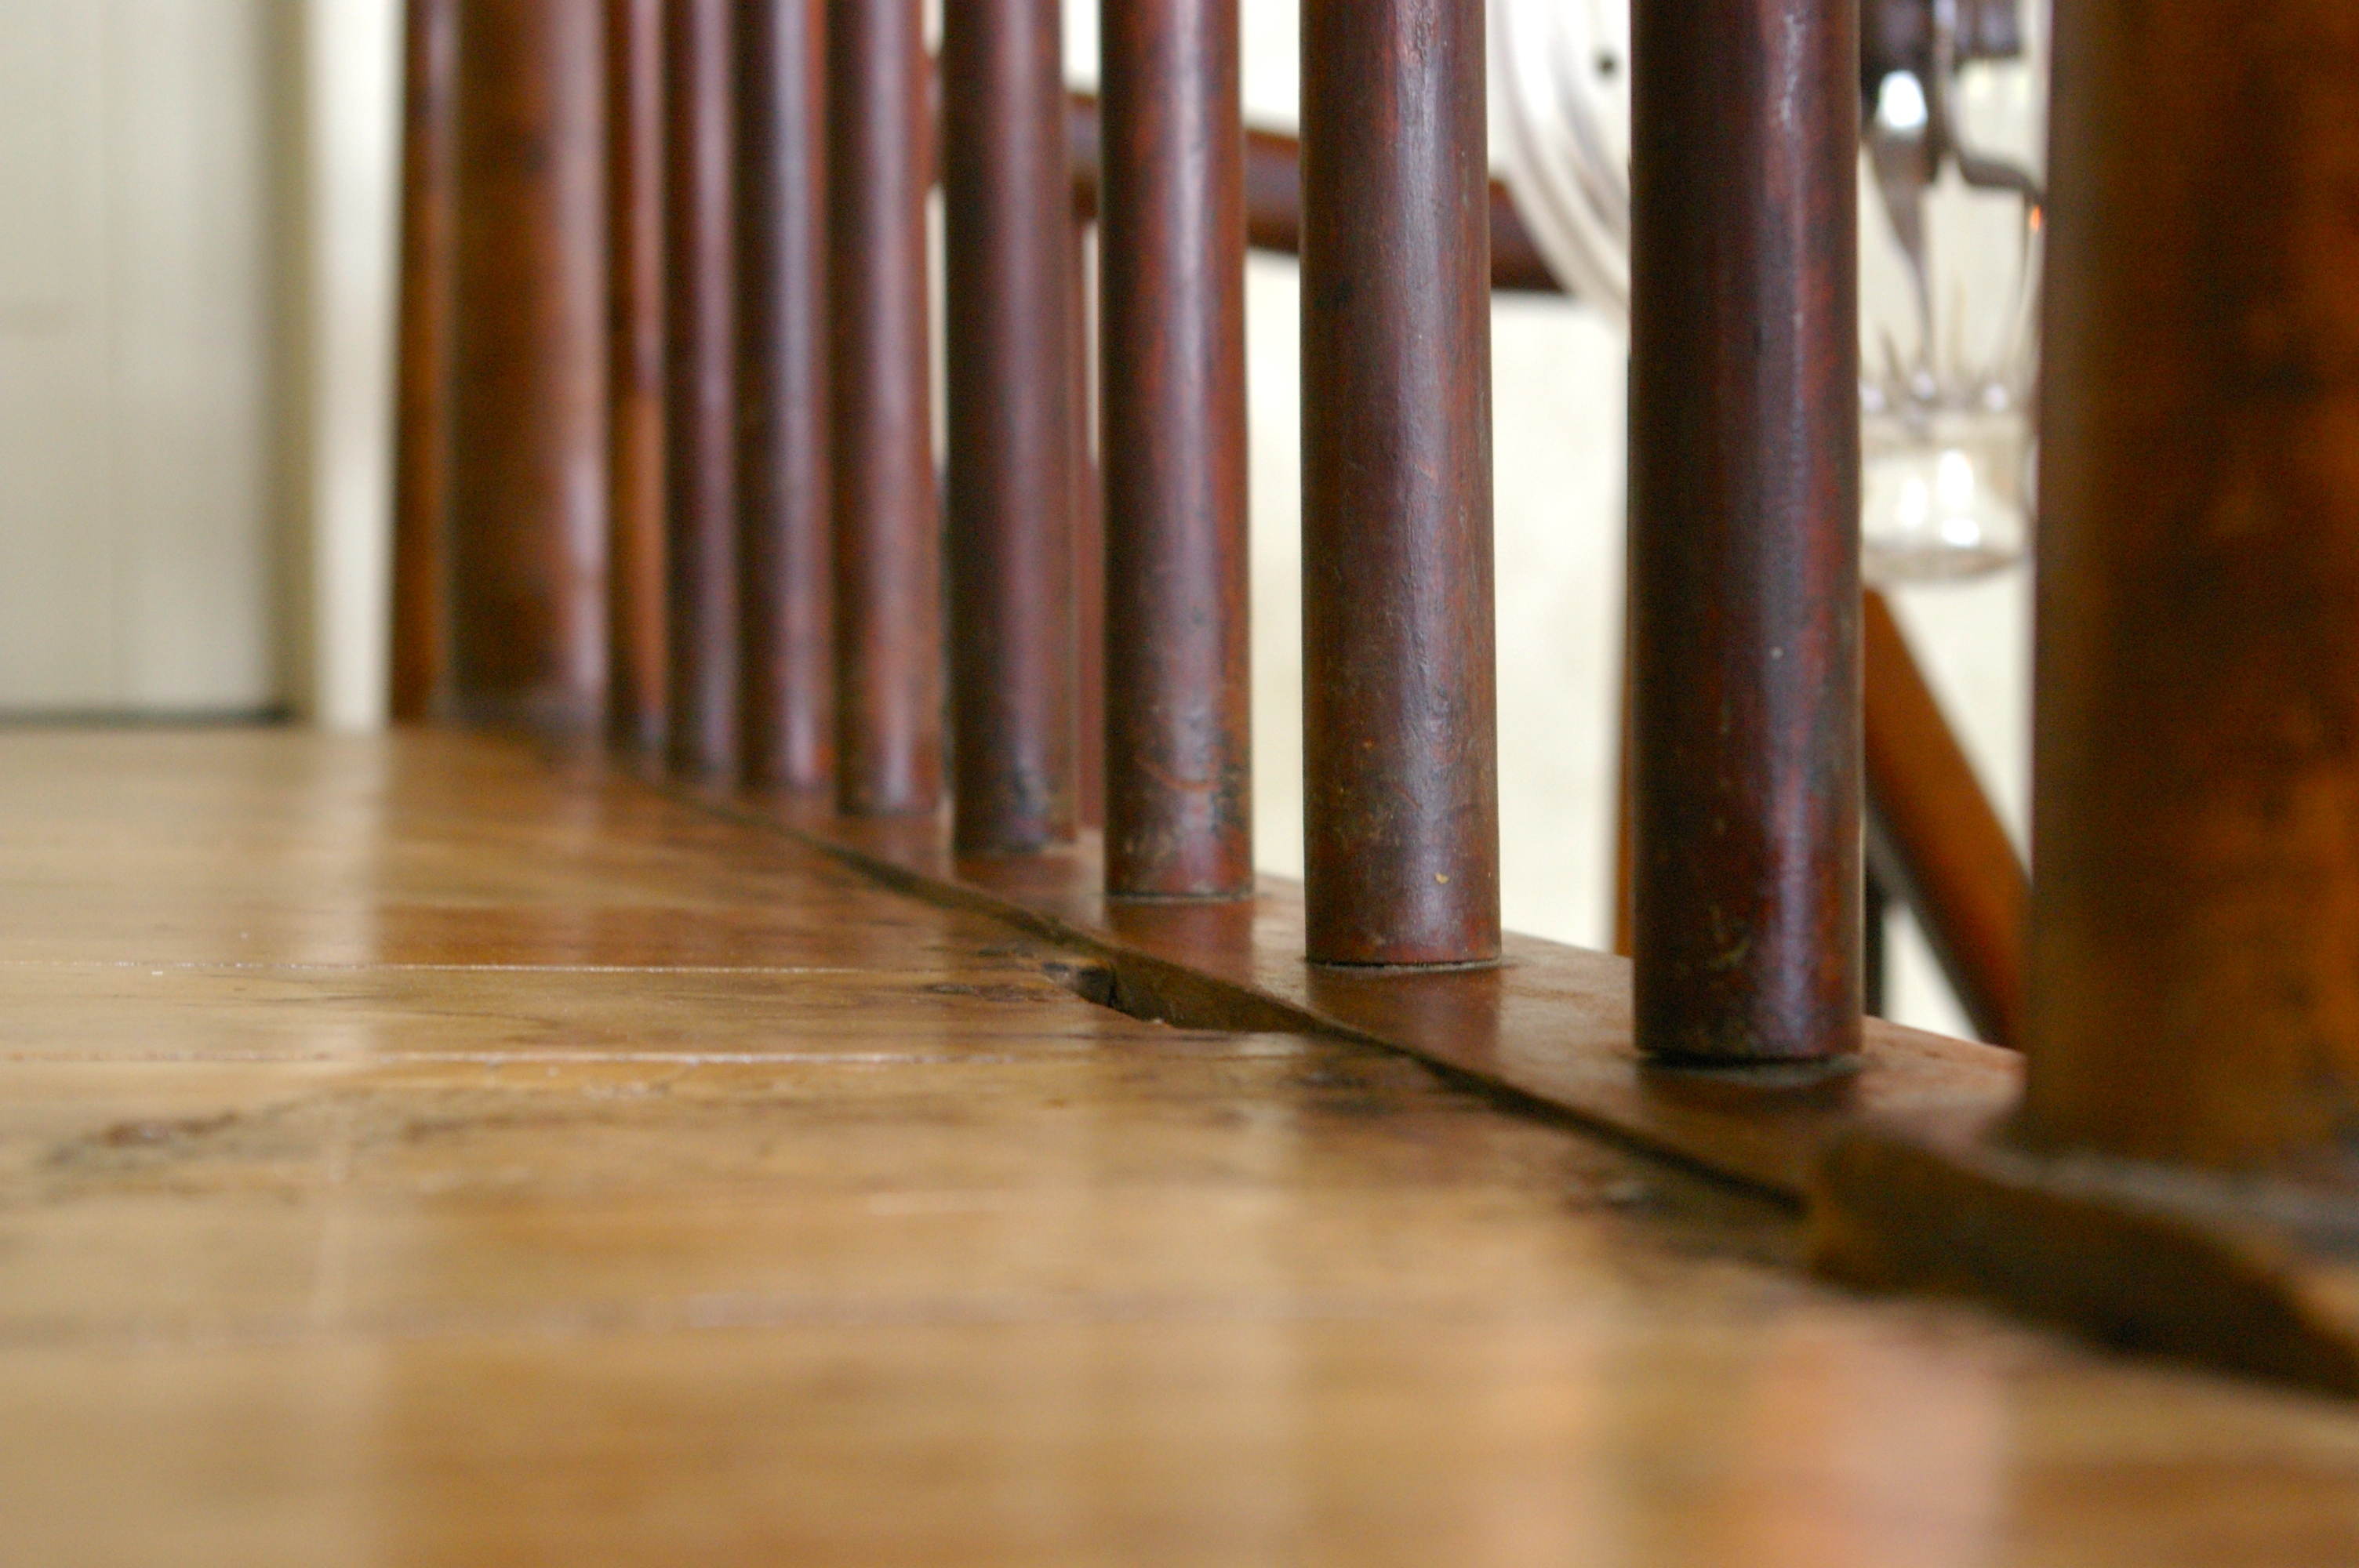 Wooden railings in the historic Bentonsport Village Bed & Breakfast in Bentonsport, Iowa